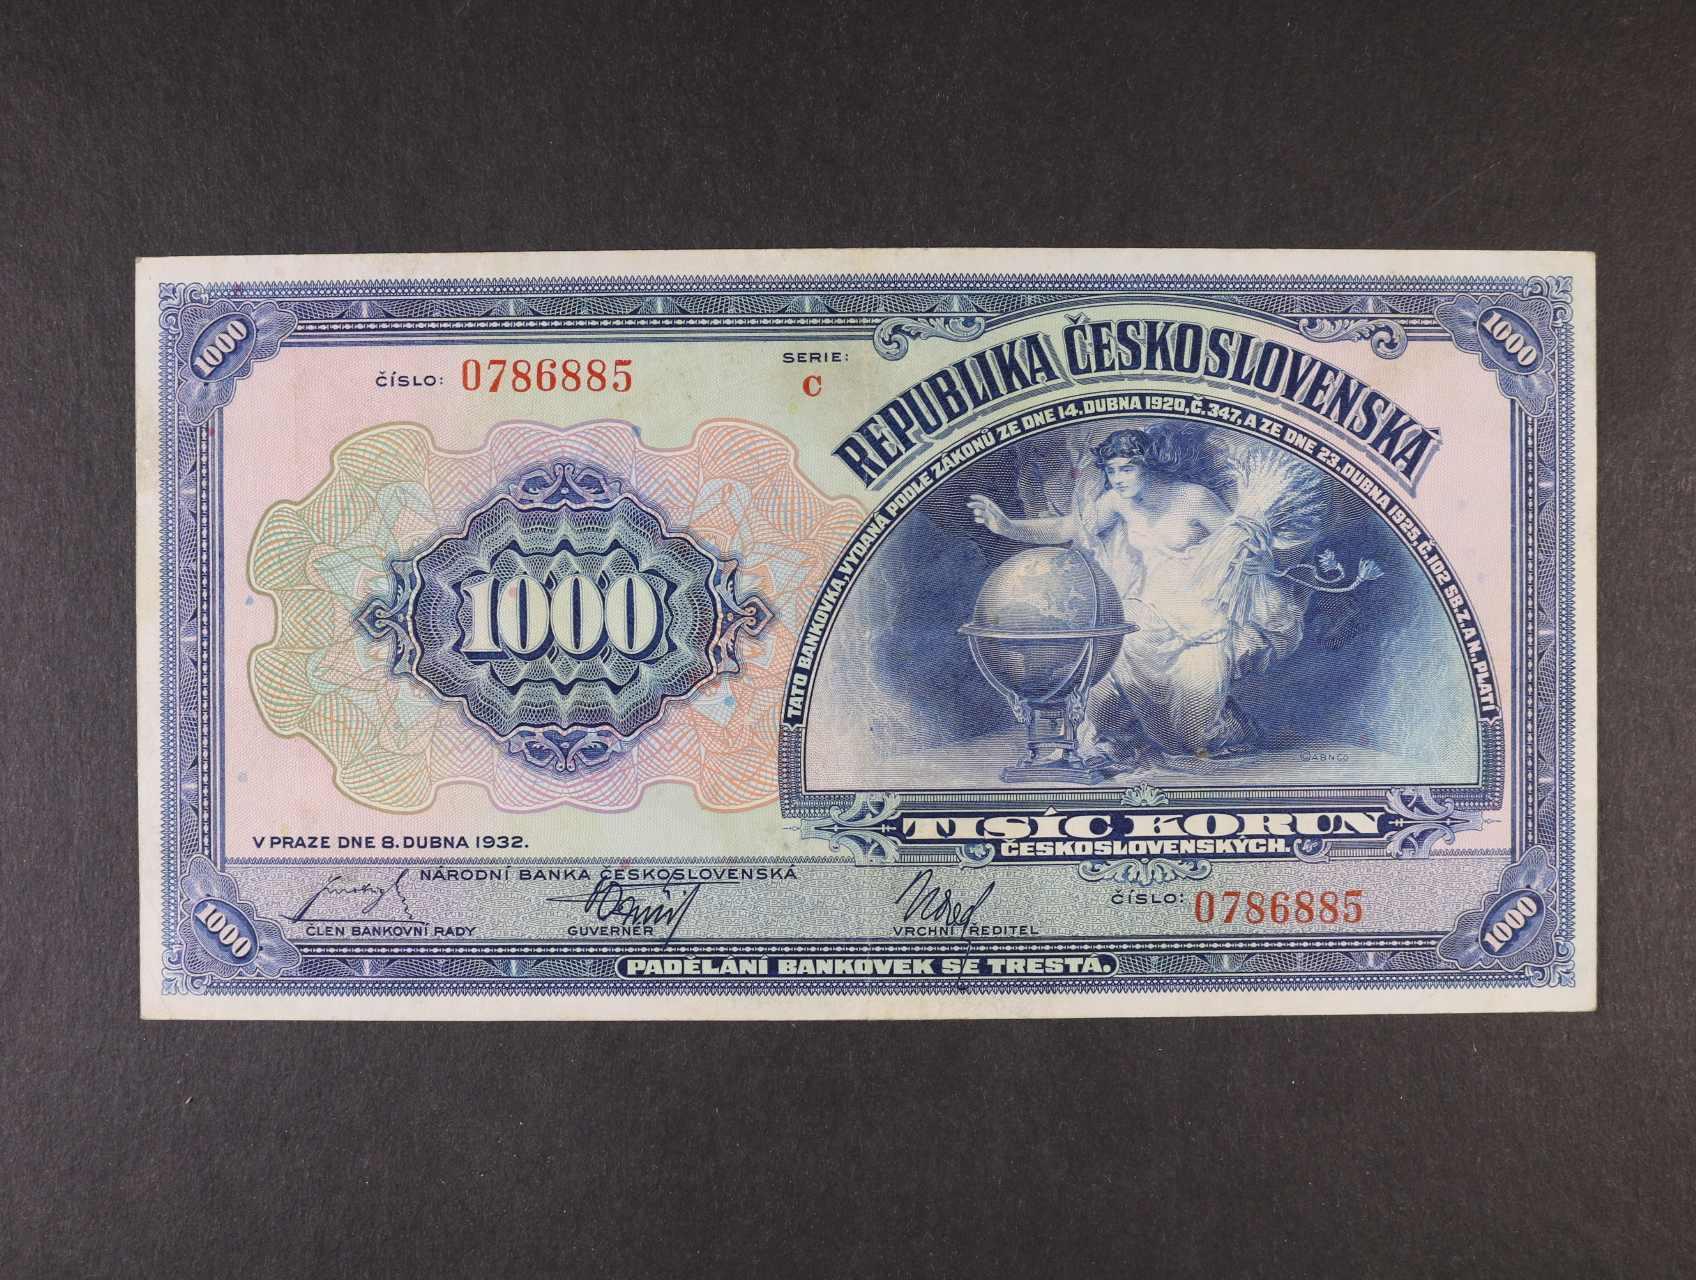 1000 Kč 8.4.1932 série C, Ba. 26, Pi. 25a